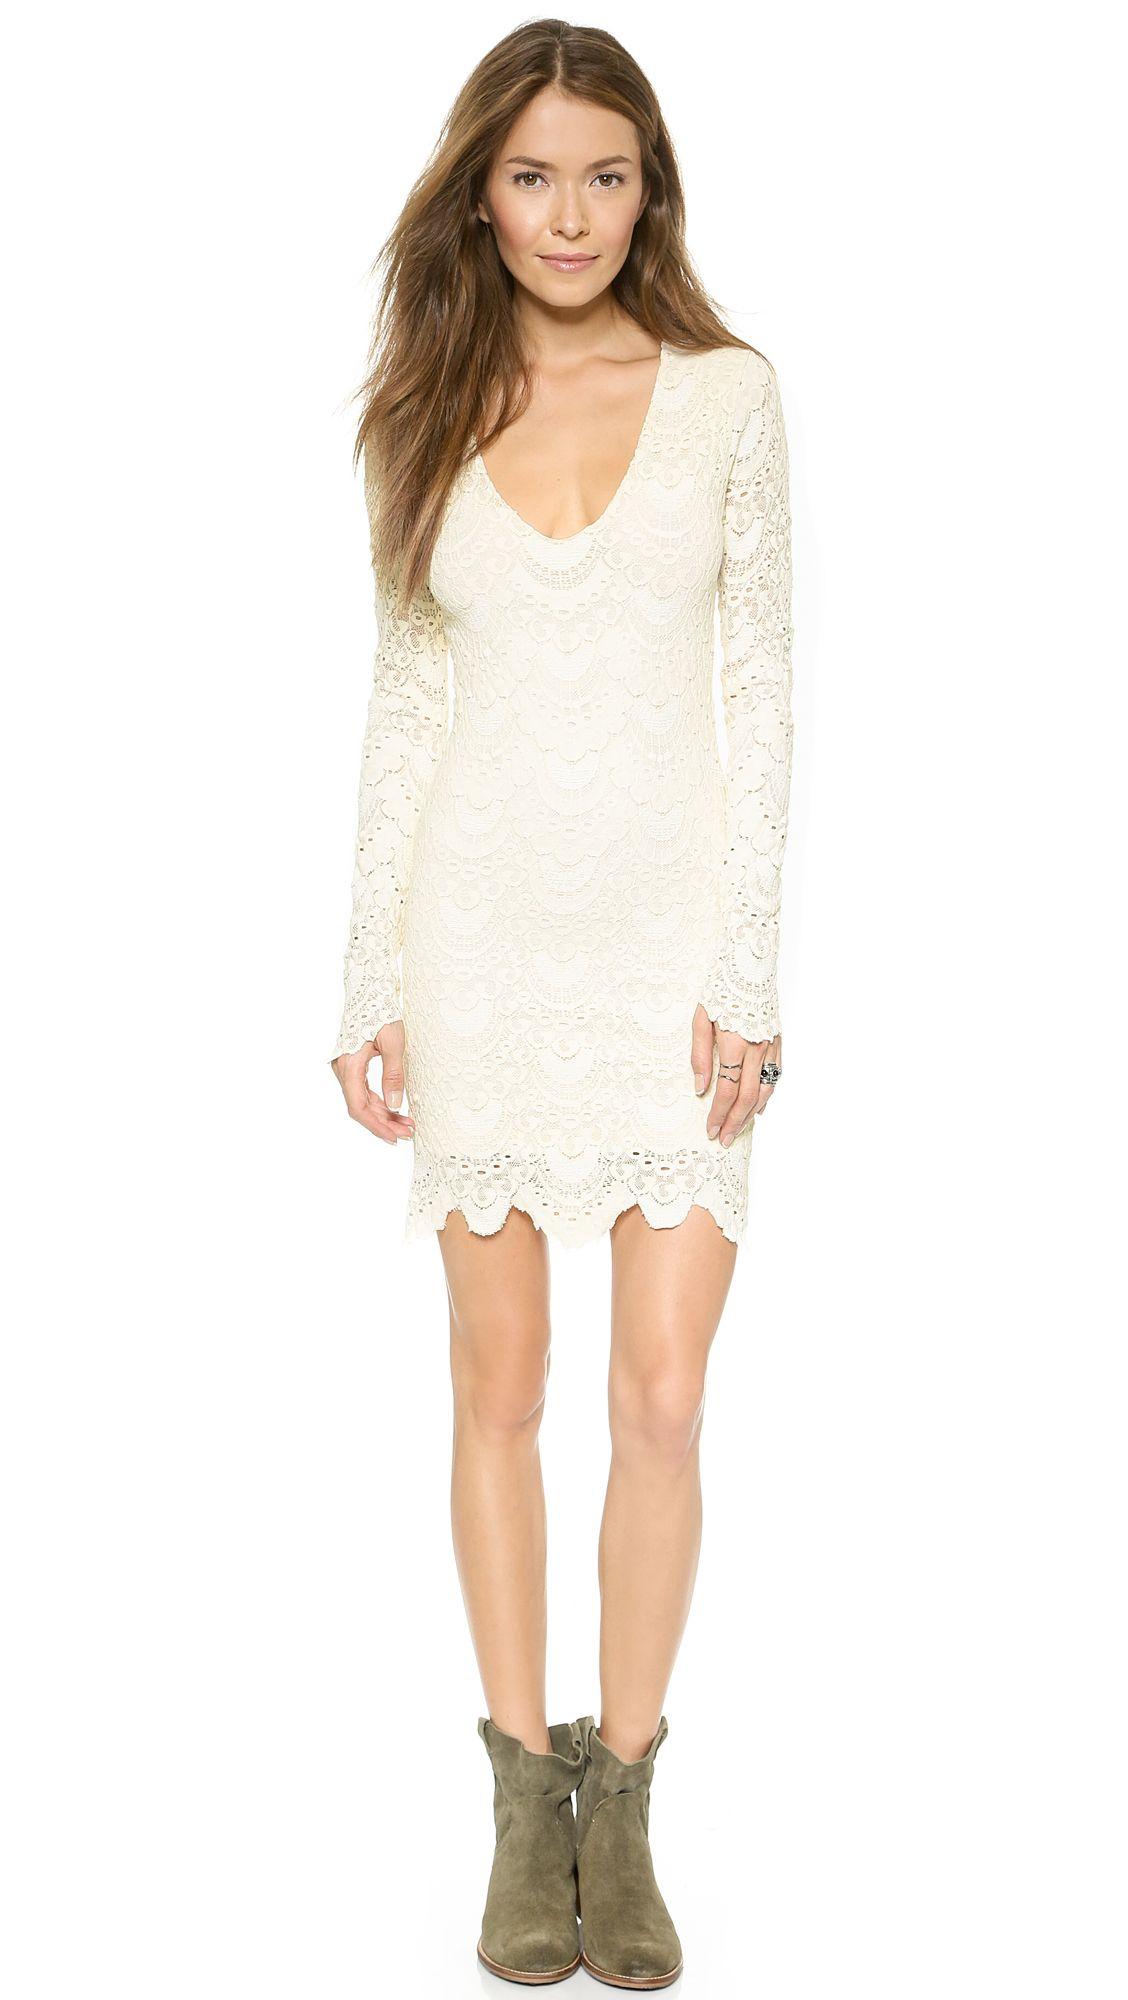 44261acfe8 Nightcap Clothing Spanish Lace Long Sleeve Deep V Dress (white lace long  sleeve  dress)